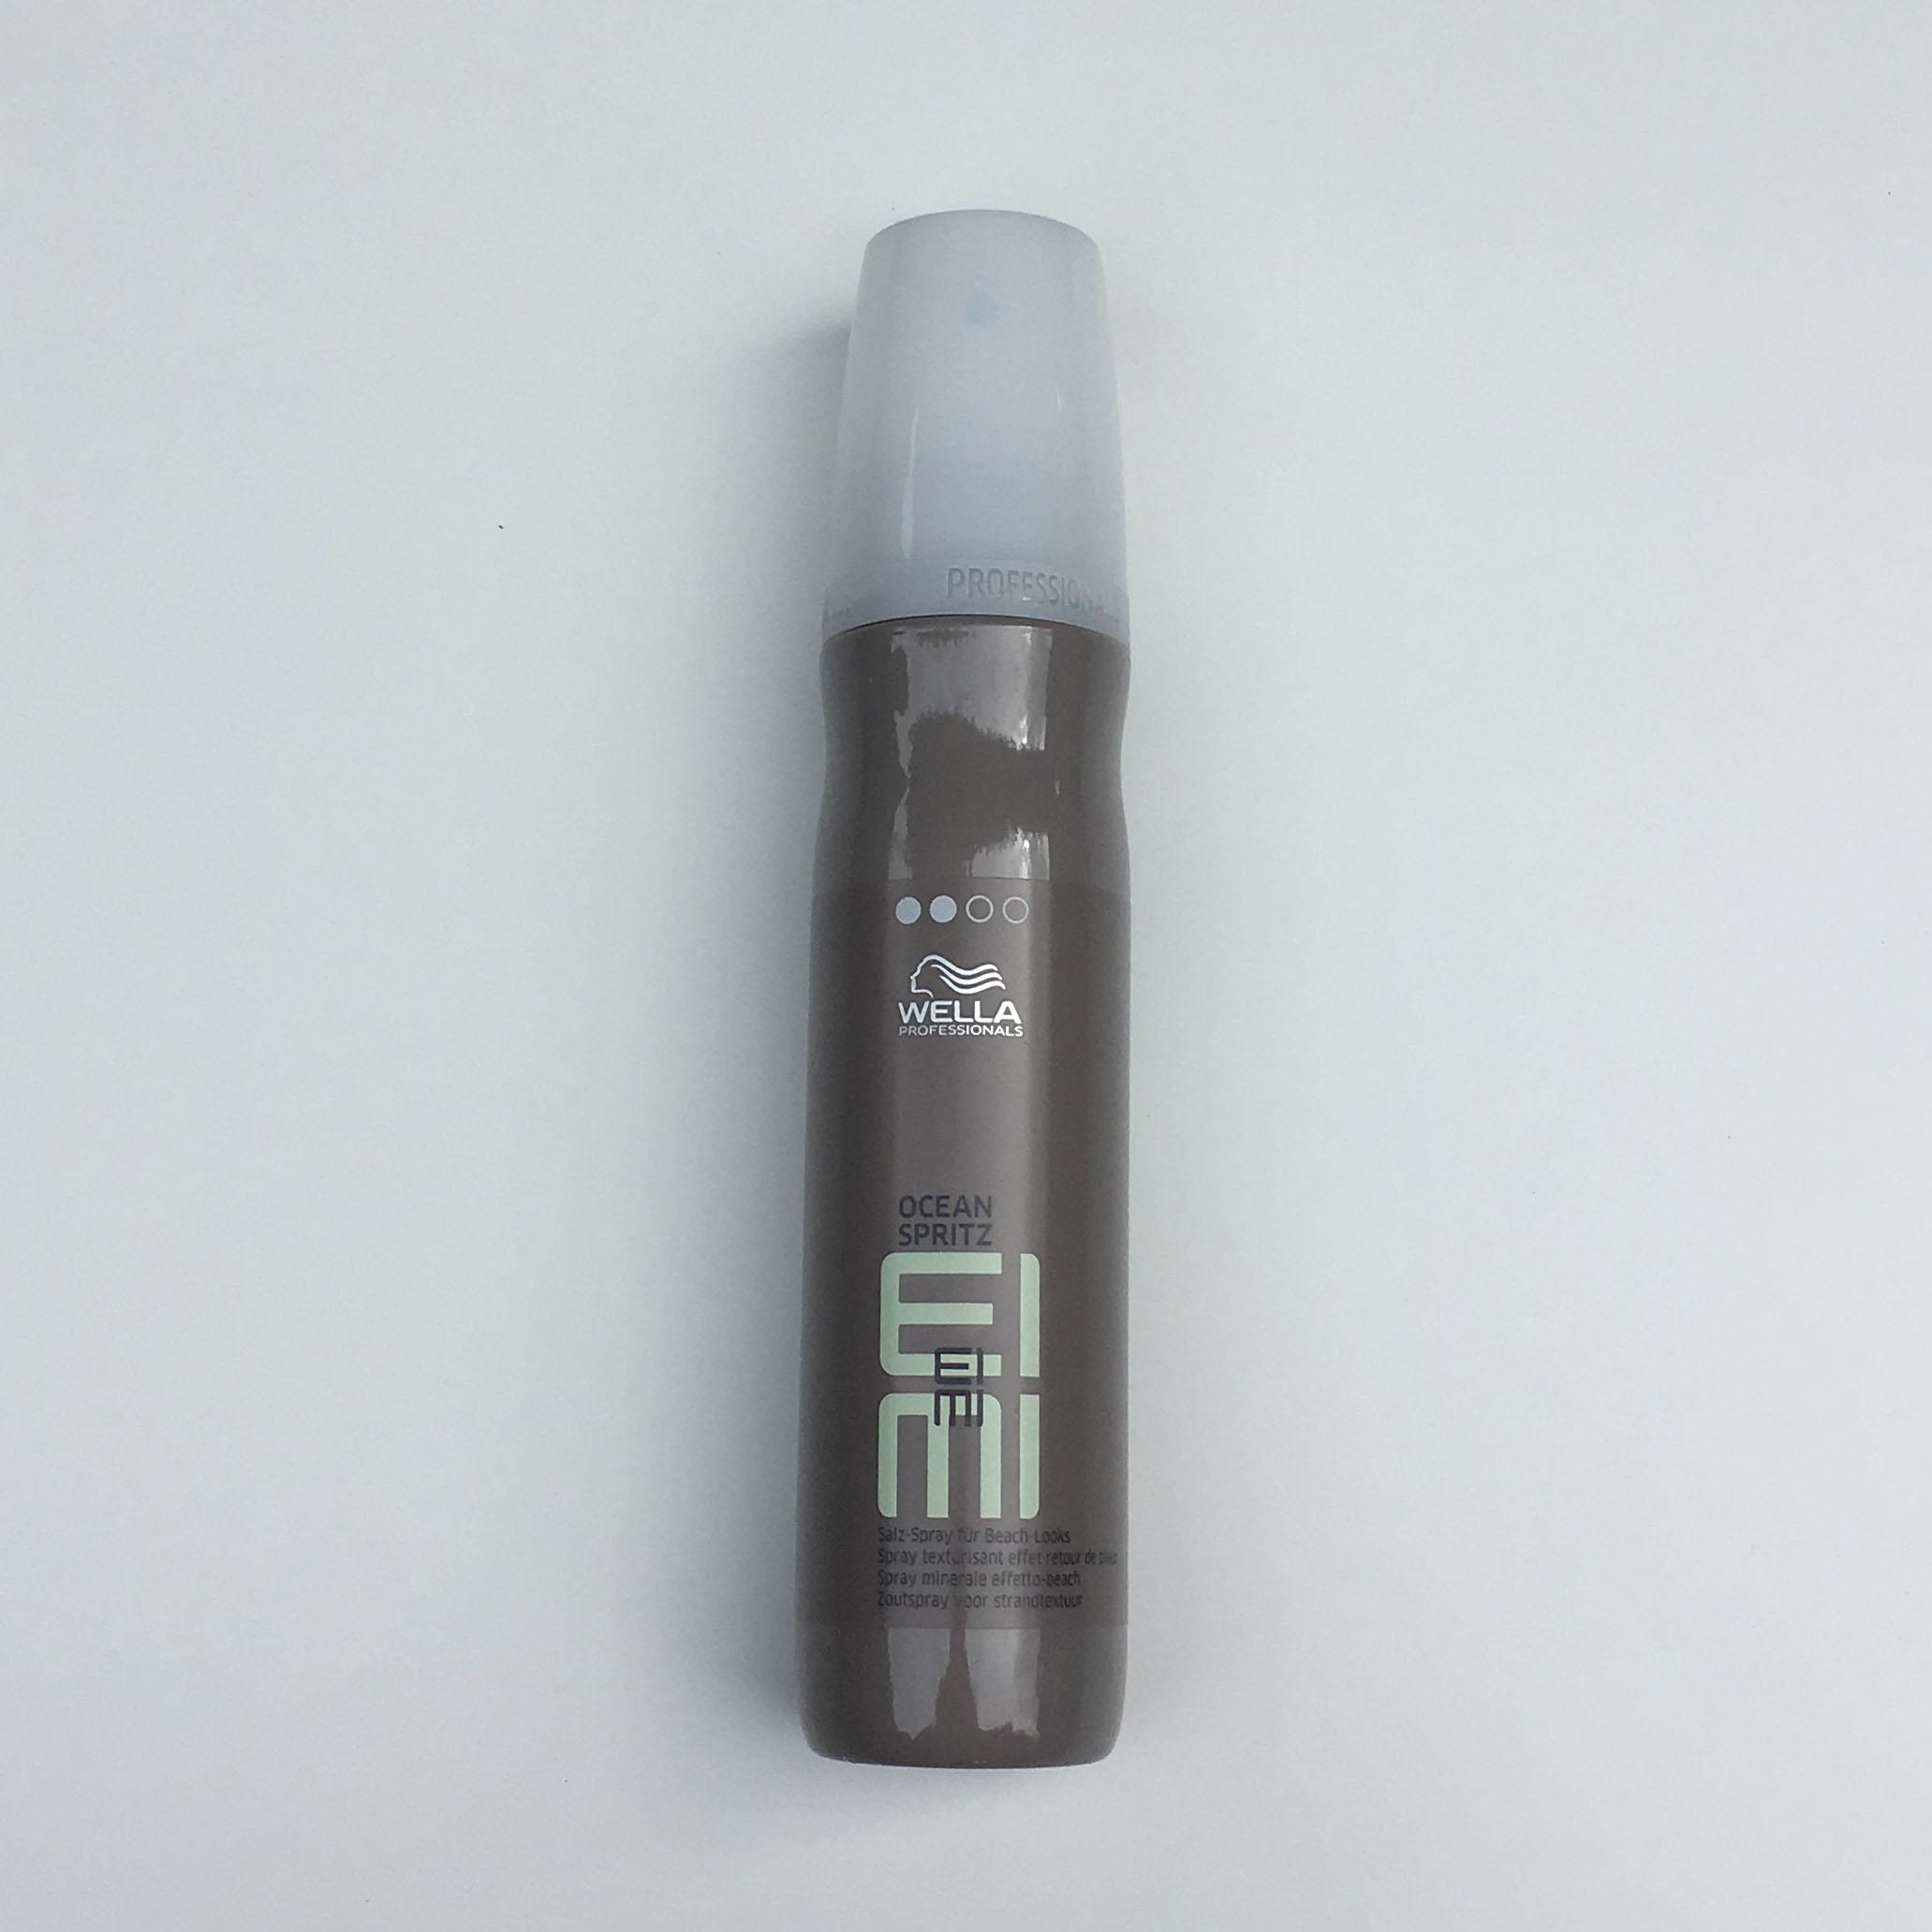 Wella Ocean Spritz Strandlook Spray 150 Ml Studio 22